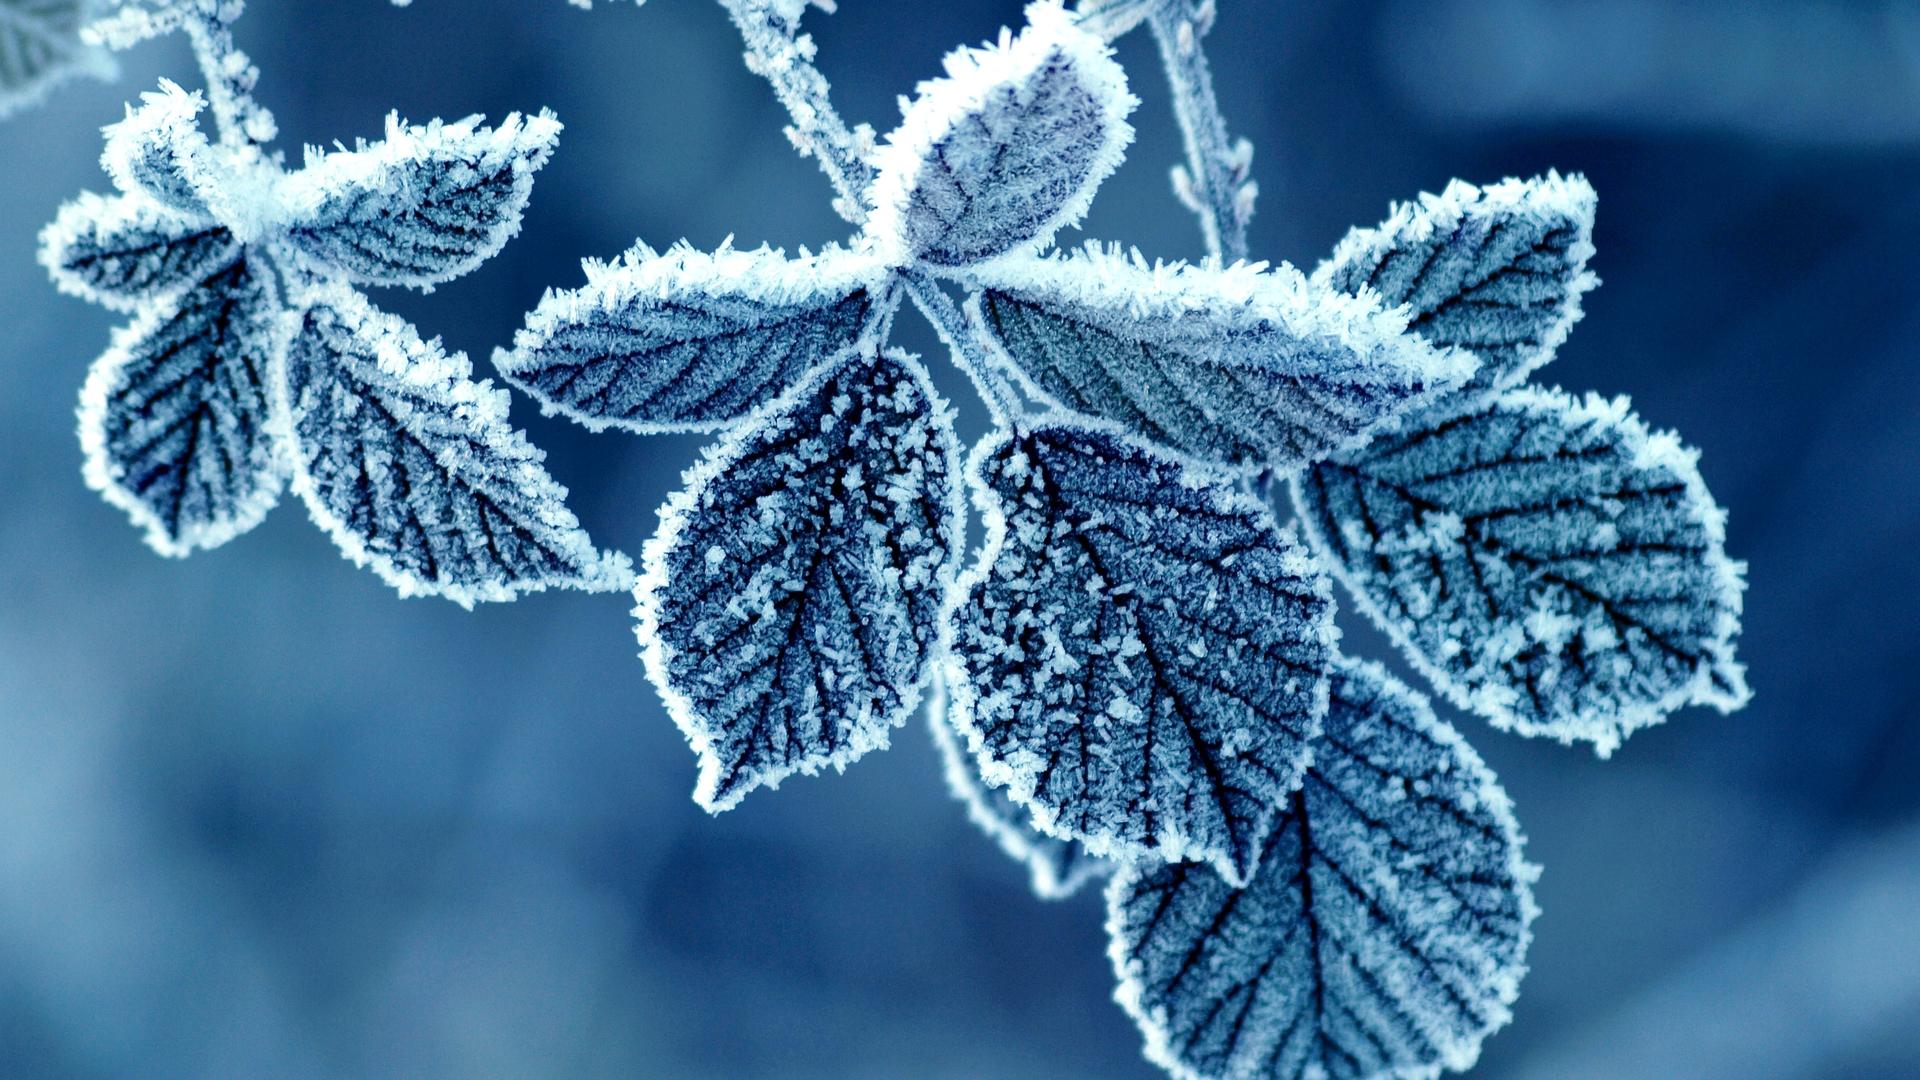 Ảnh nền lá cây đóng băng